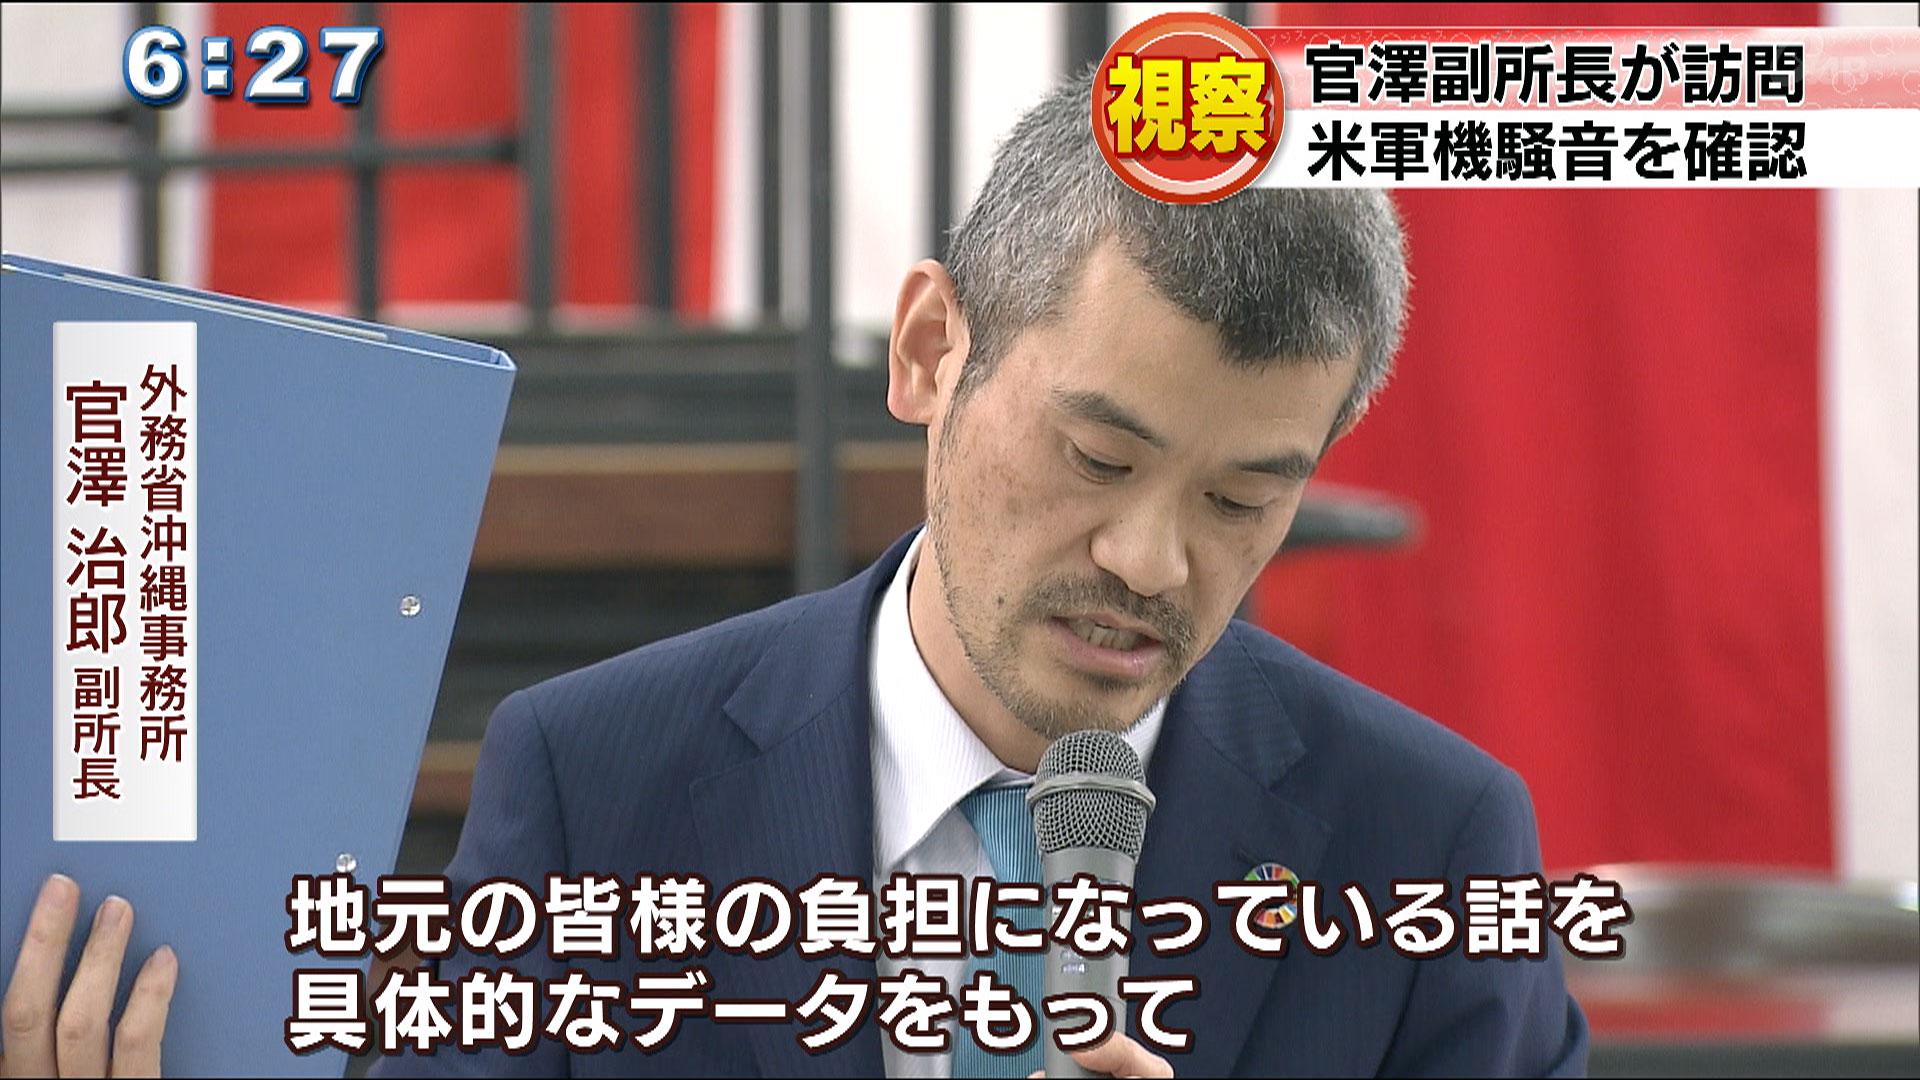 官澤外務省沖縄事務所副所長が名護市久辺地域視察